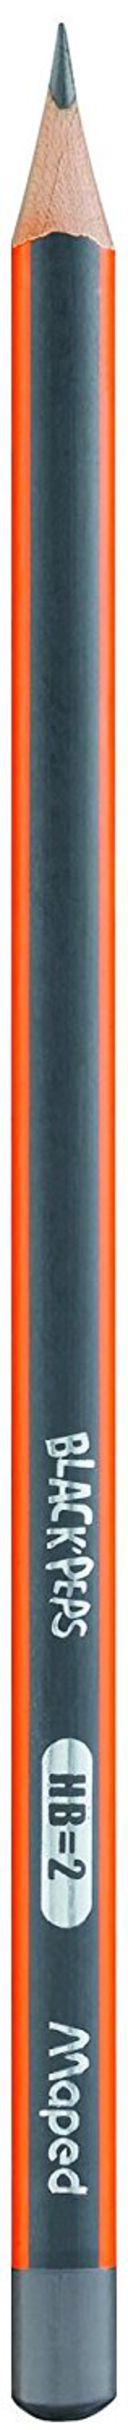 Набор карандашей чернографитных (6 шт.; HB) — фото, картинка — 1